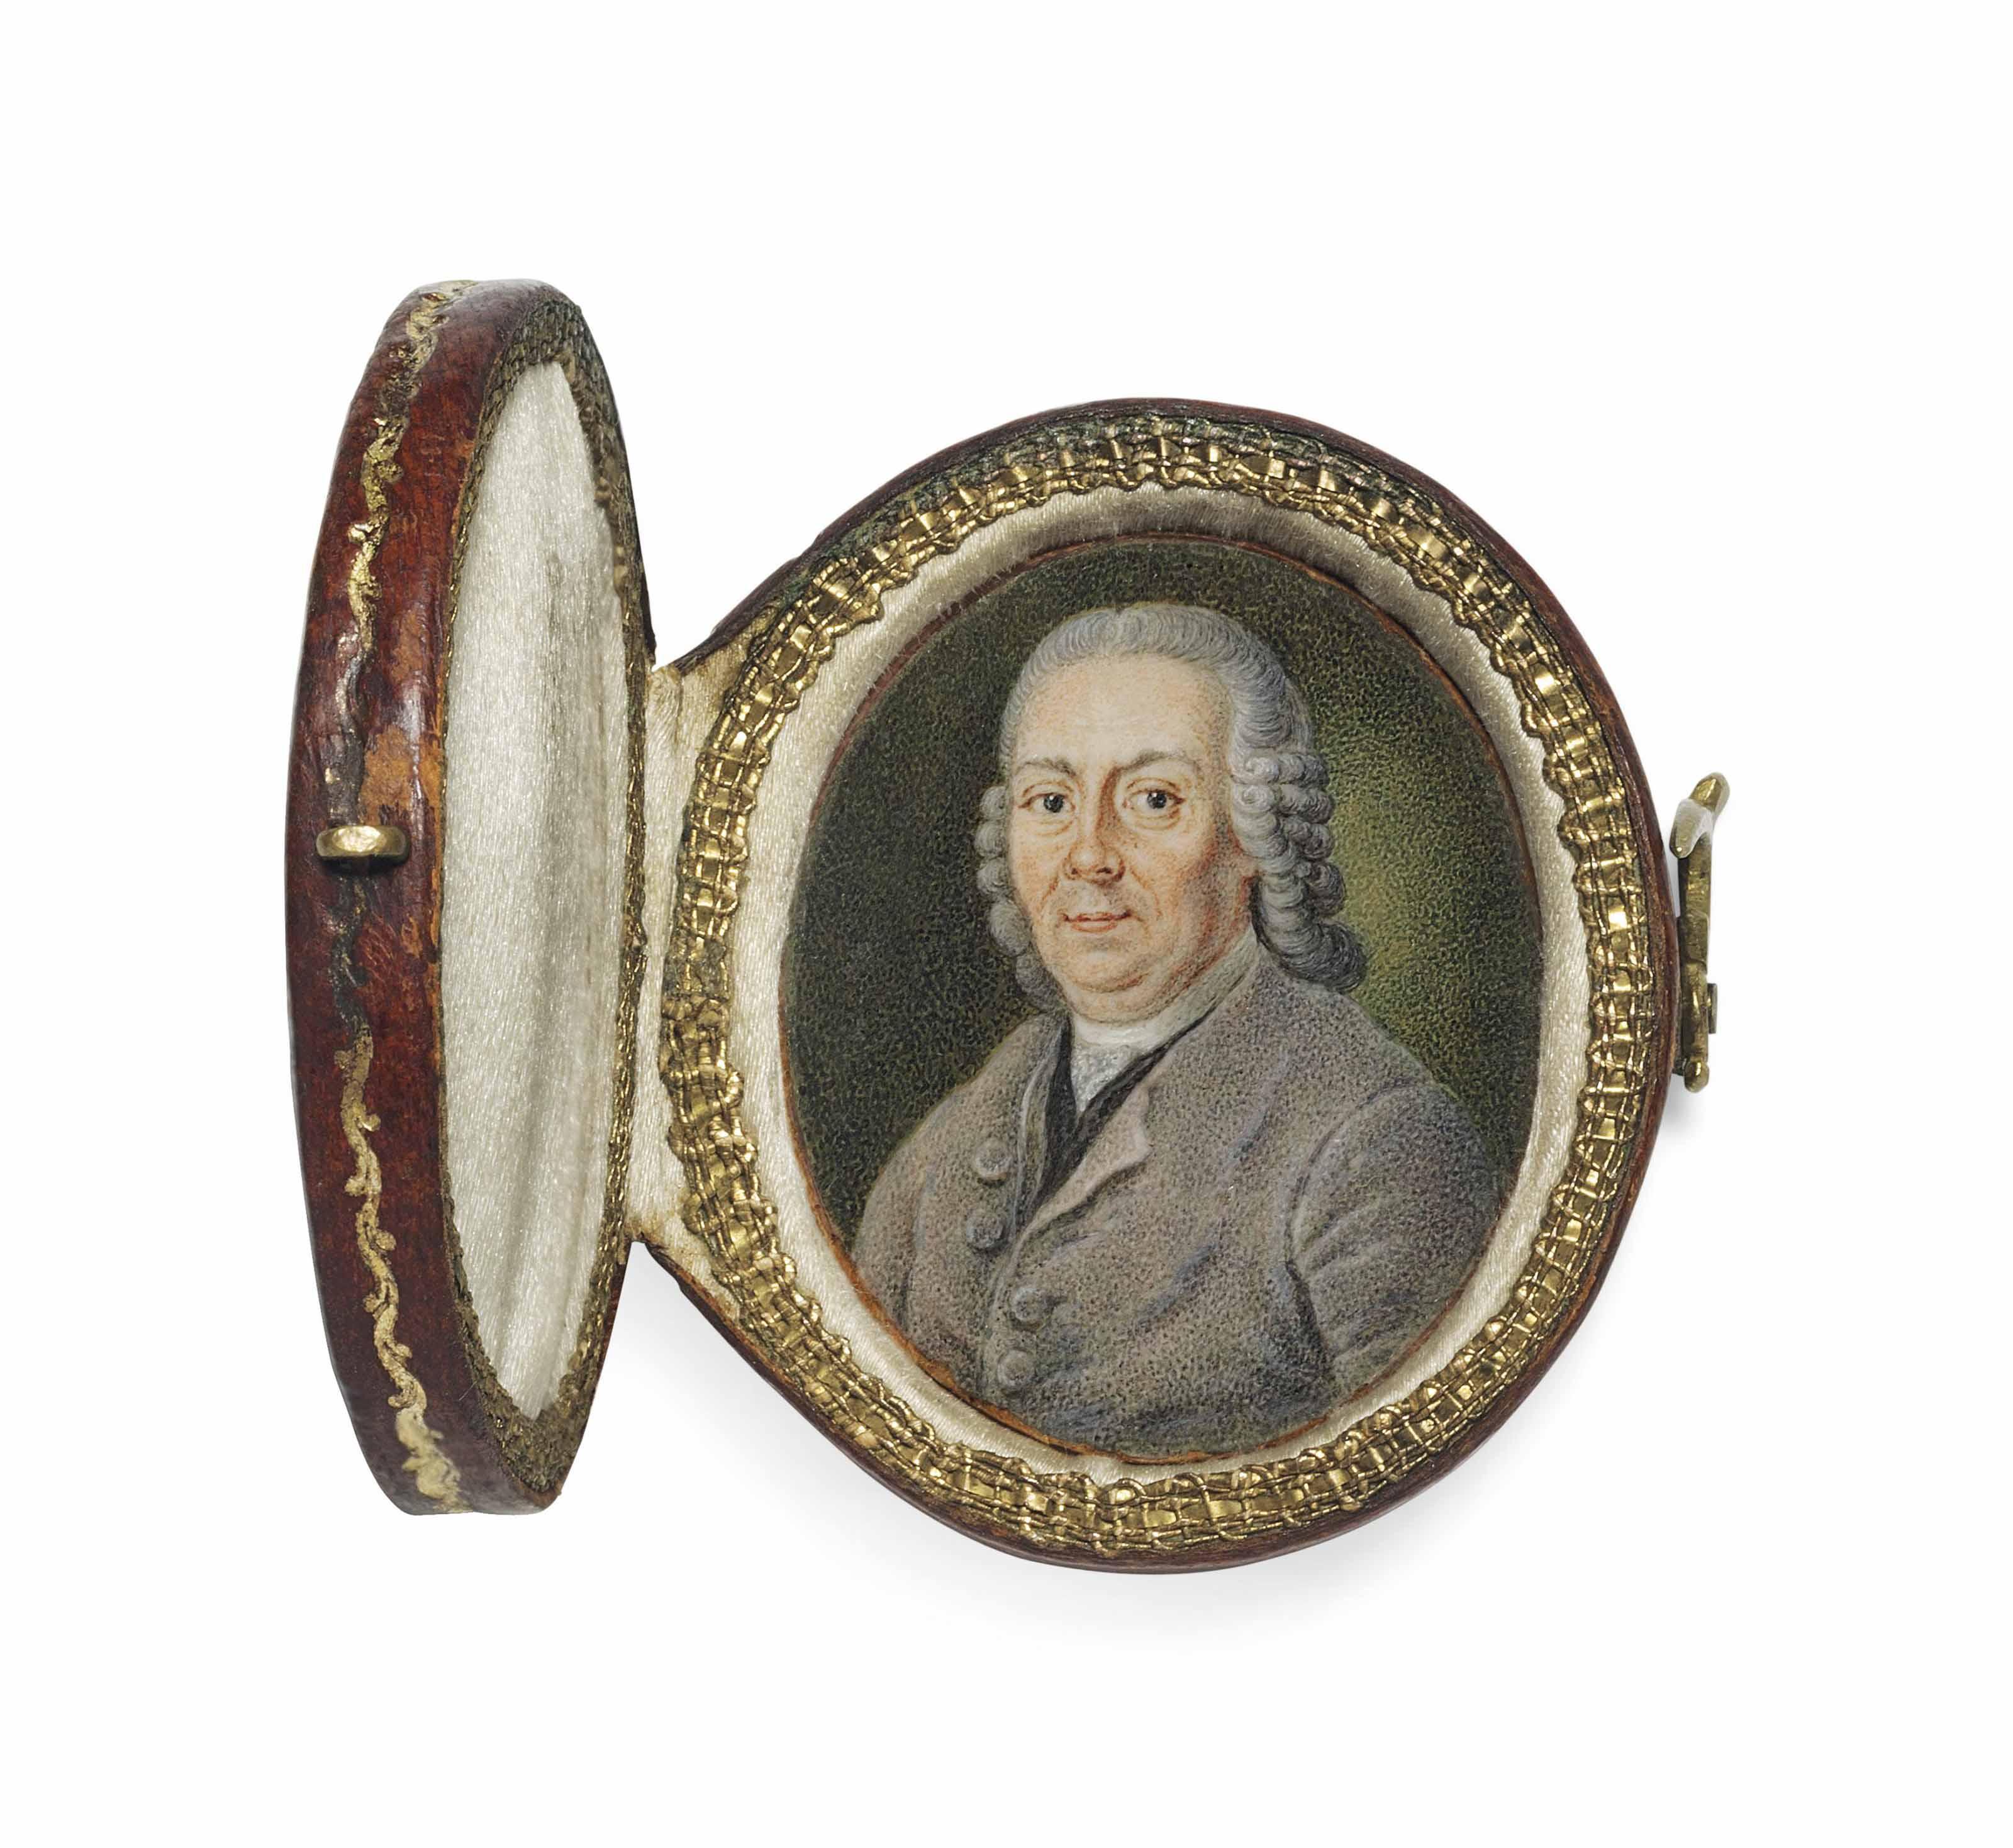 ANTON FRIEDRICH KÖNIG (GERMAN, 1722-1787)